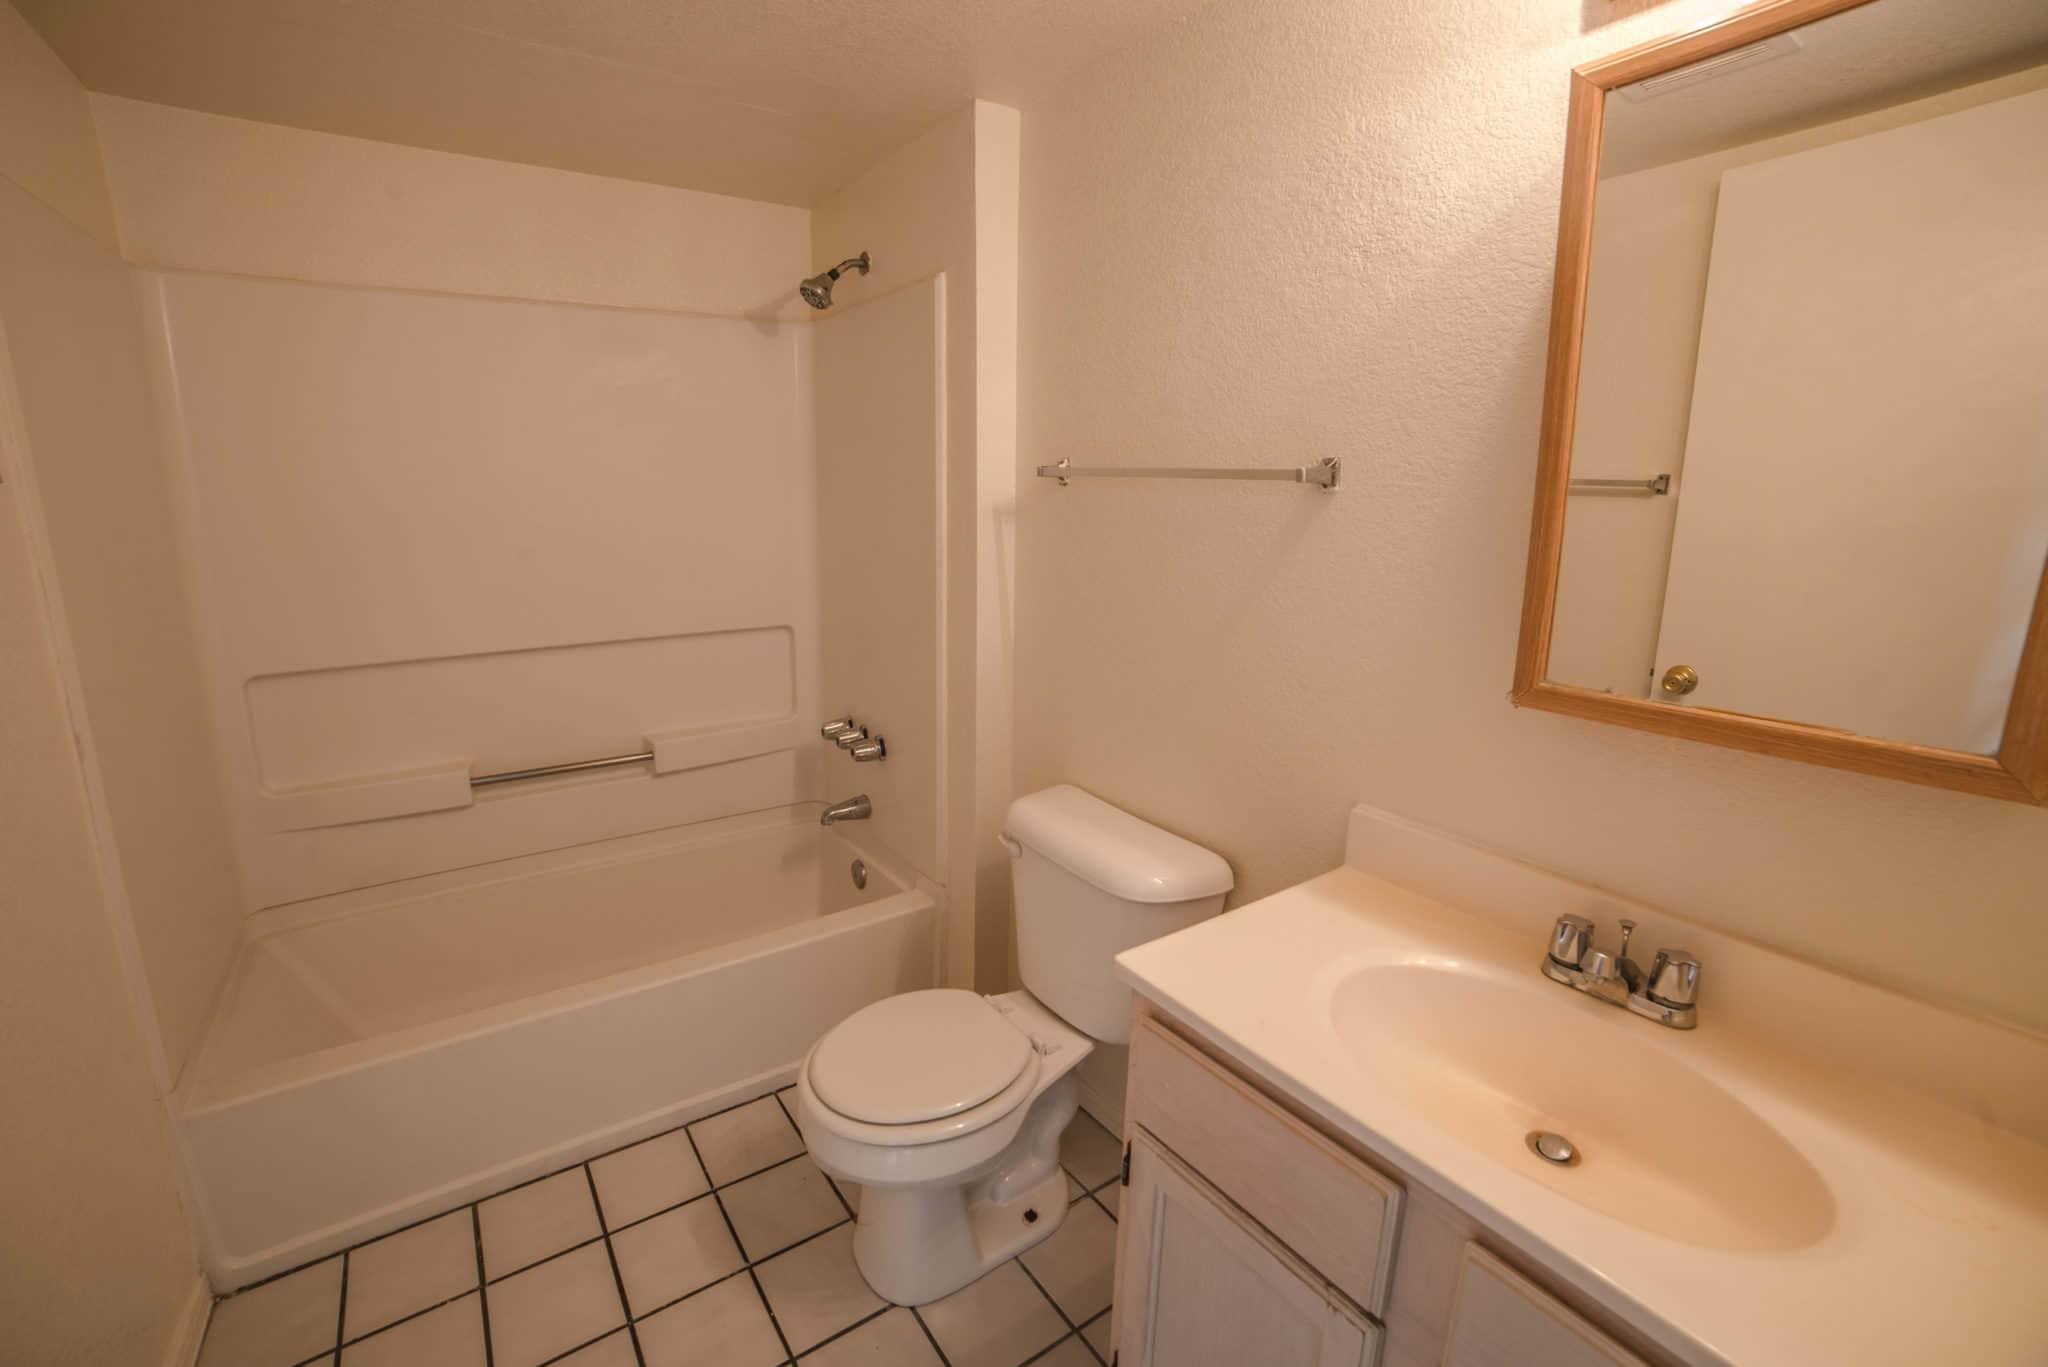 Centre Square Bath Room